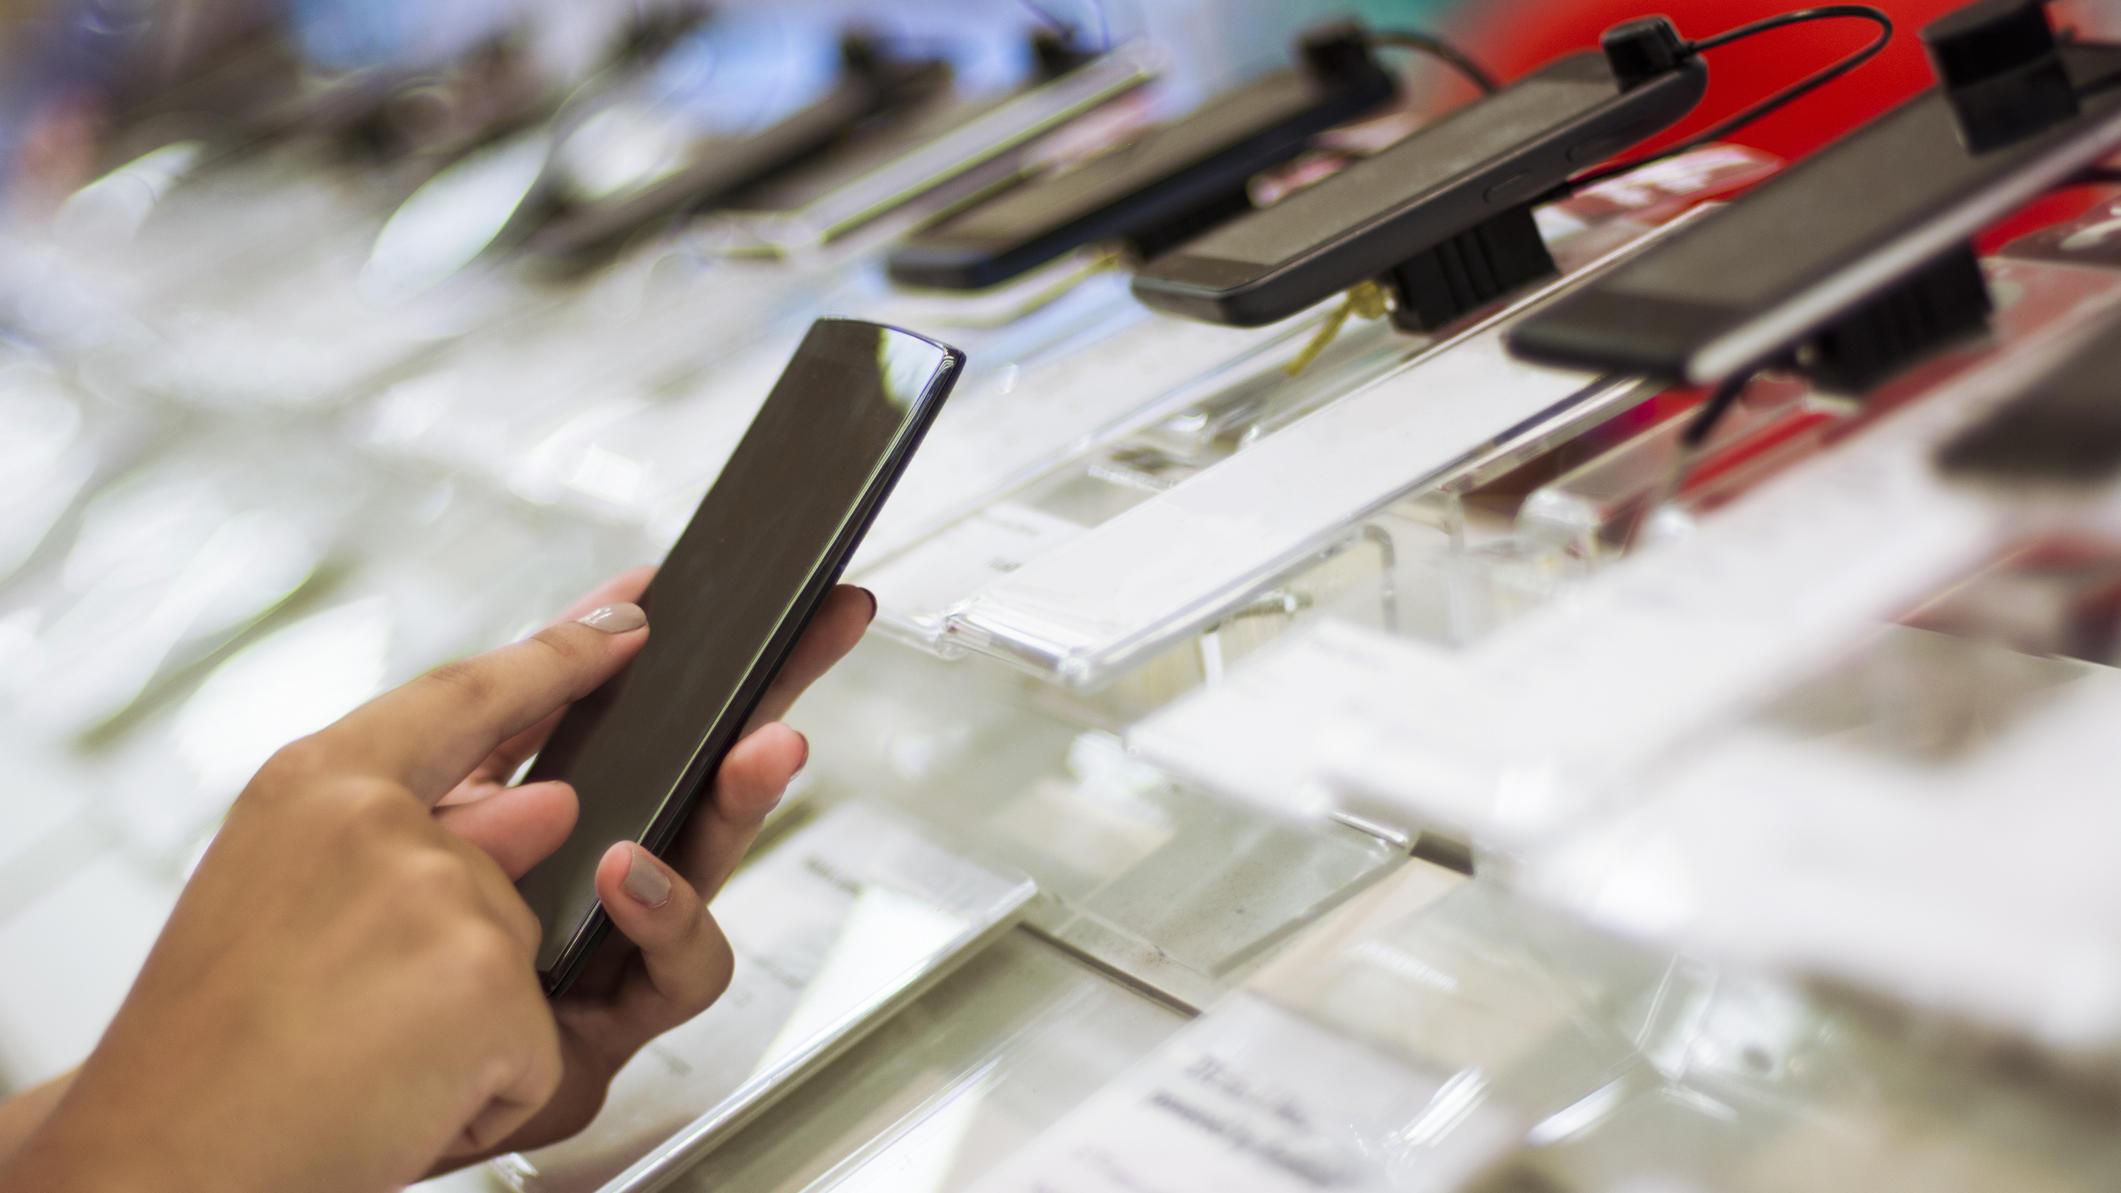 Smartphones-Warentest 2020: Testsieger sind teuer, aber Handys für 300 Euro kaum schlechter